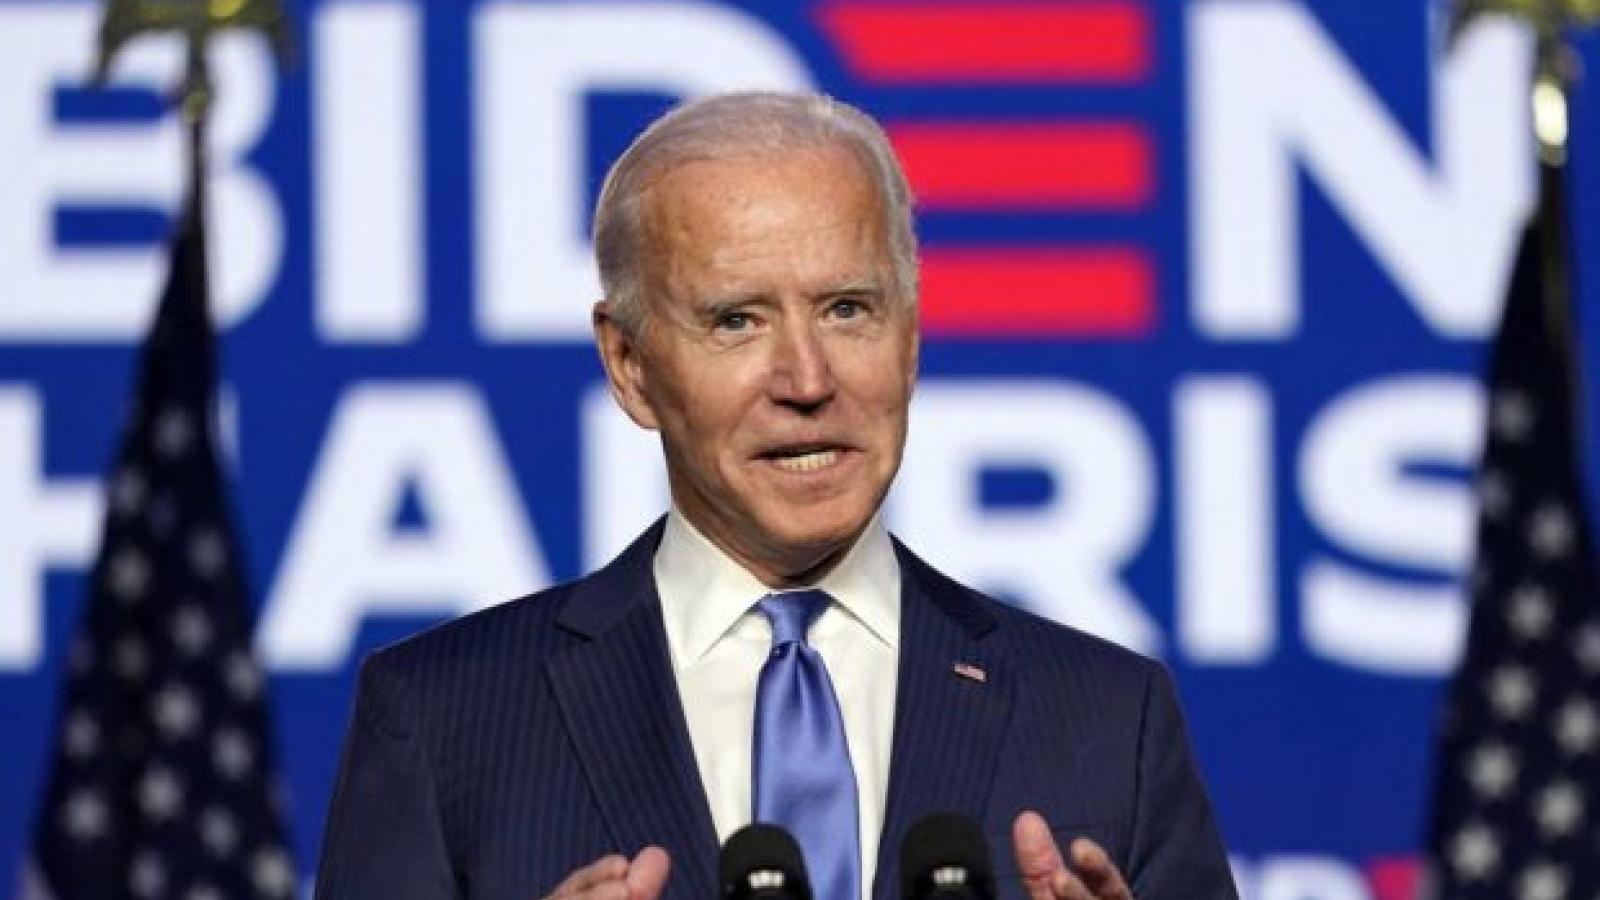 Kế hoạch 7 điểm ứng phó Covid-19 của chính quyền Tổng thống đắc cử Joe Biden